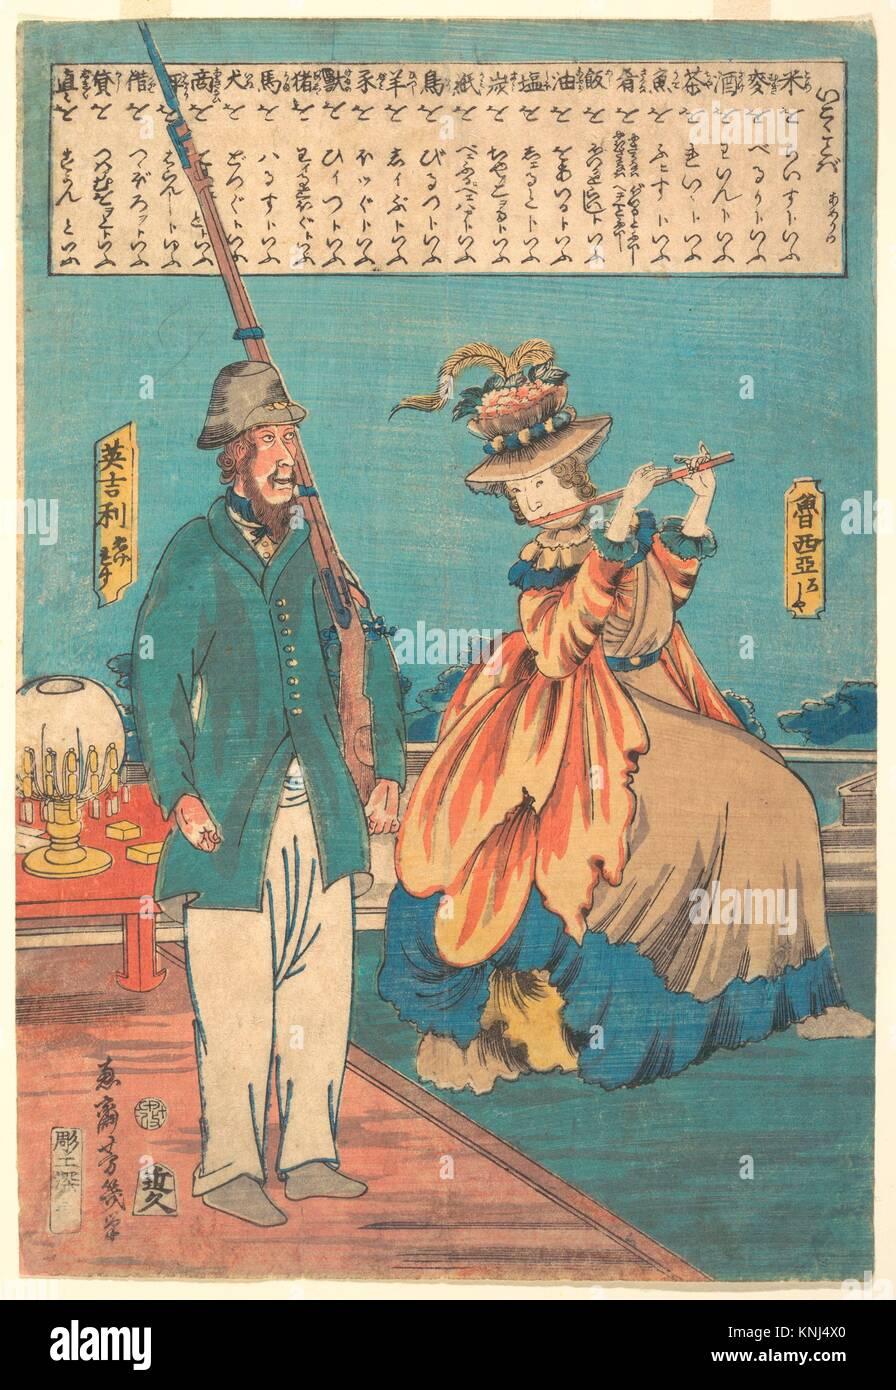 魯西亞 ・英吉利/An English Man - Stock Image